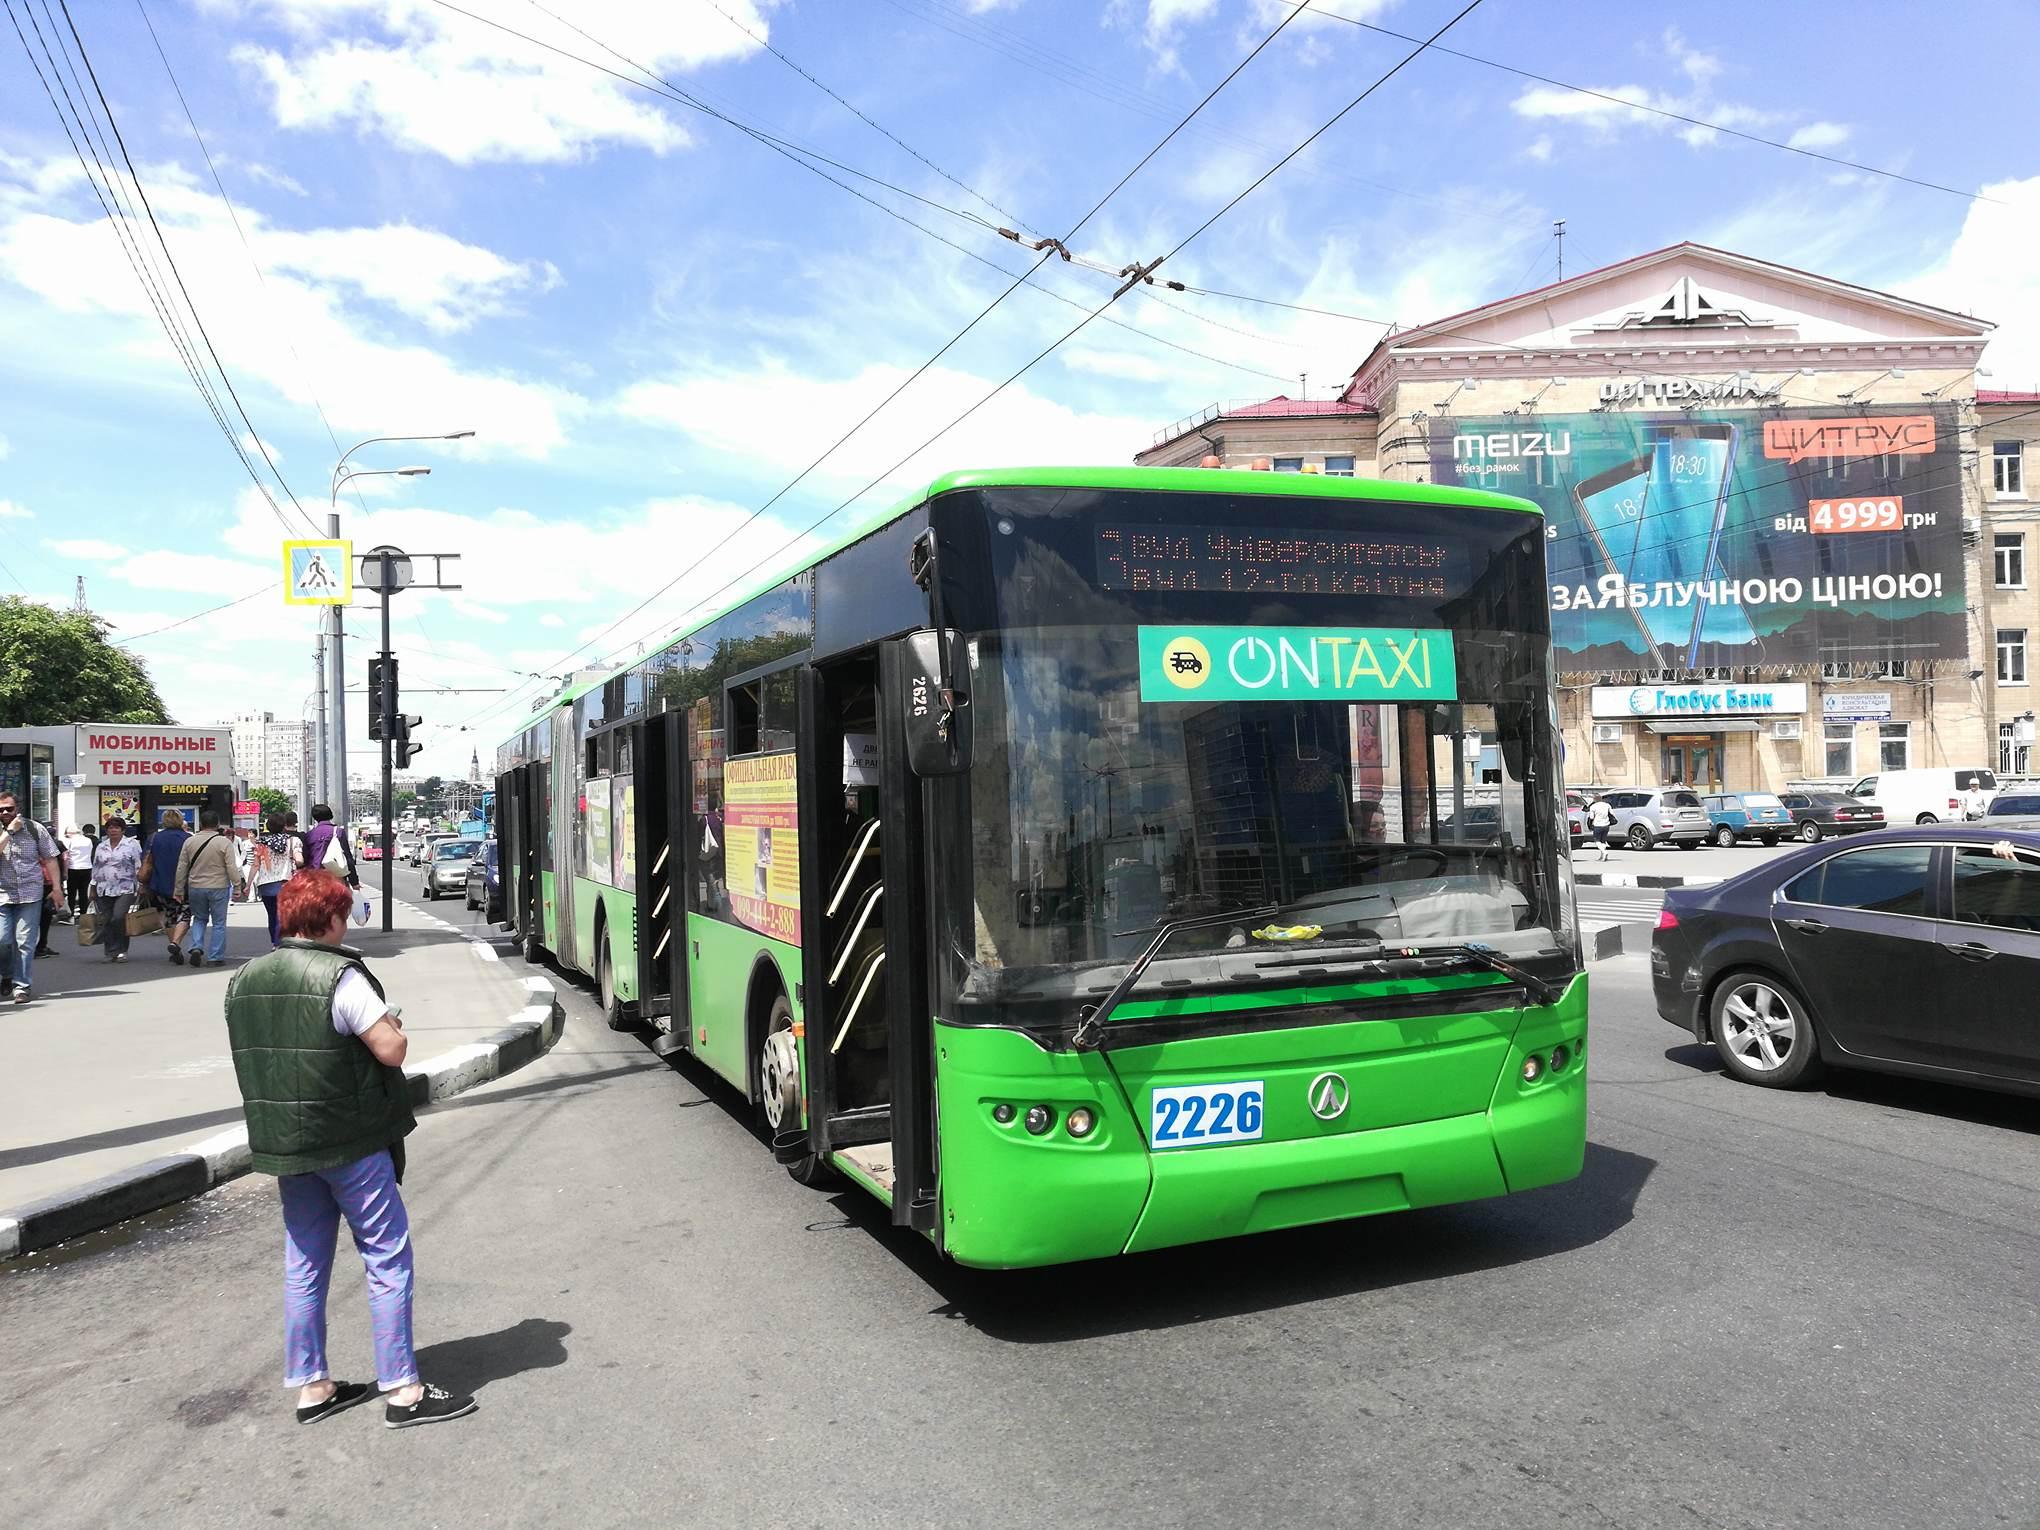 В Харькове водитель-лихач разбил стекло в переполненном троллейбусе (фото)